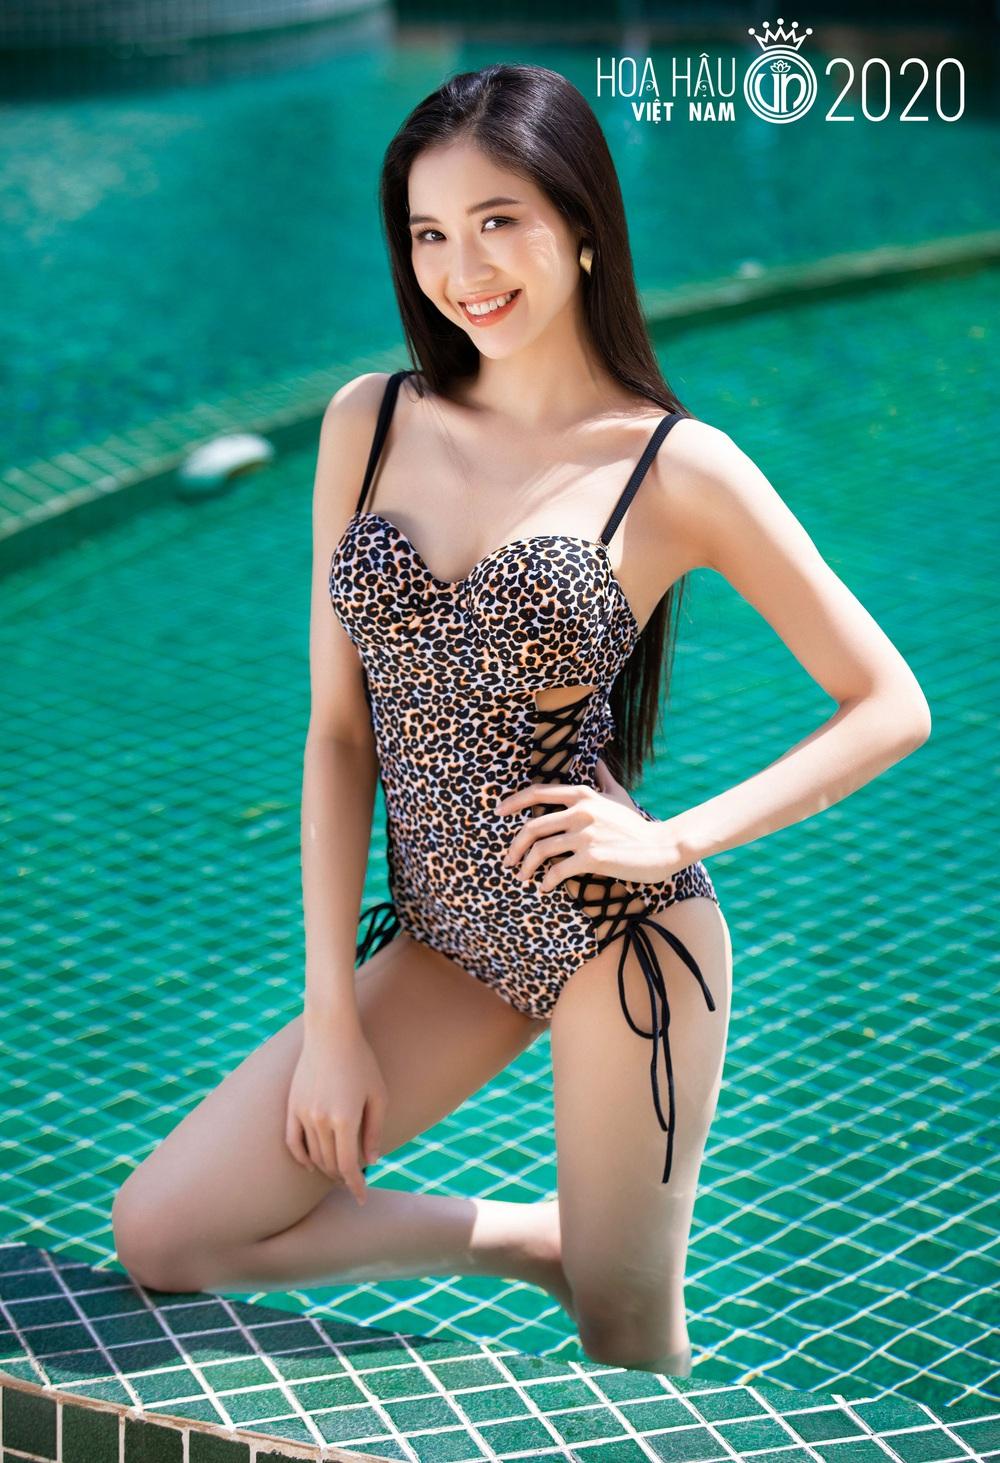 Trọn bộ ảnh bikini trước thềm Chung kết Hoa hậu Việt Nam 2020 - Ảnh 32.